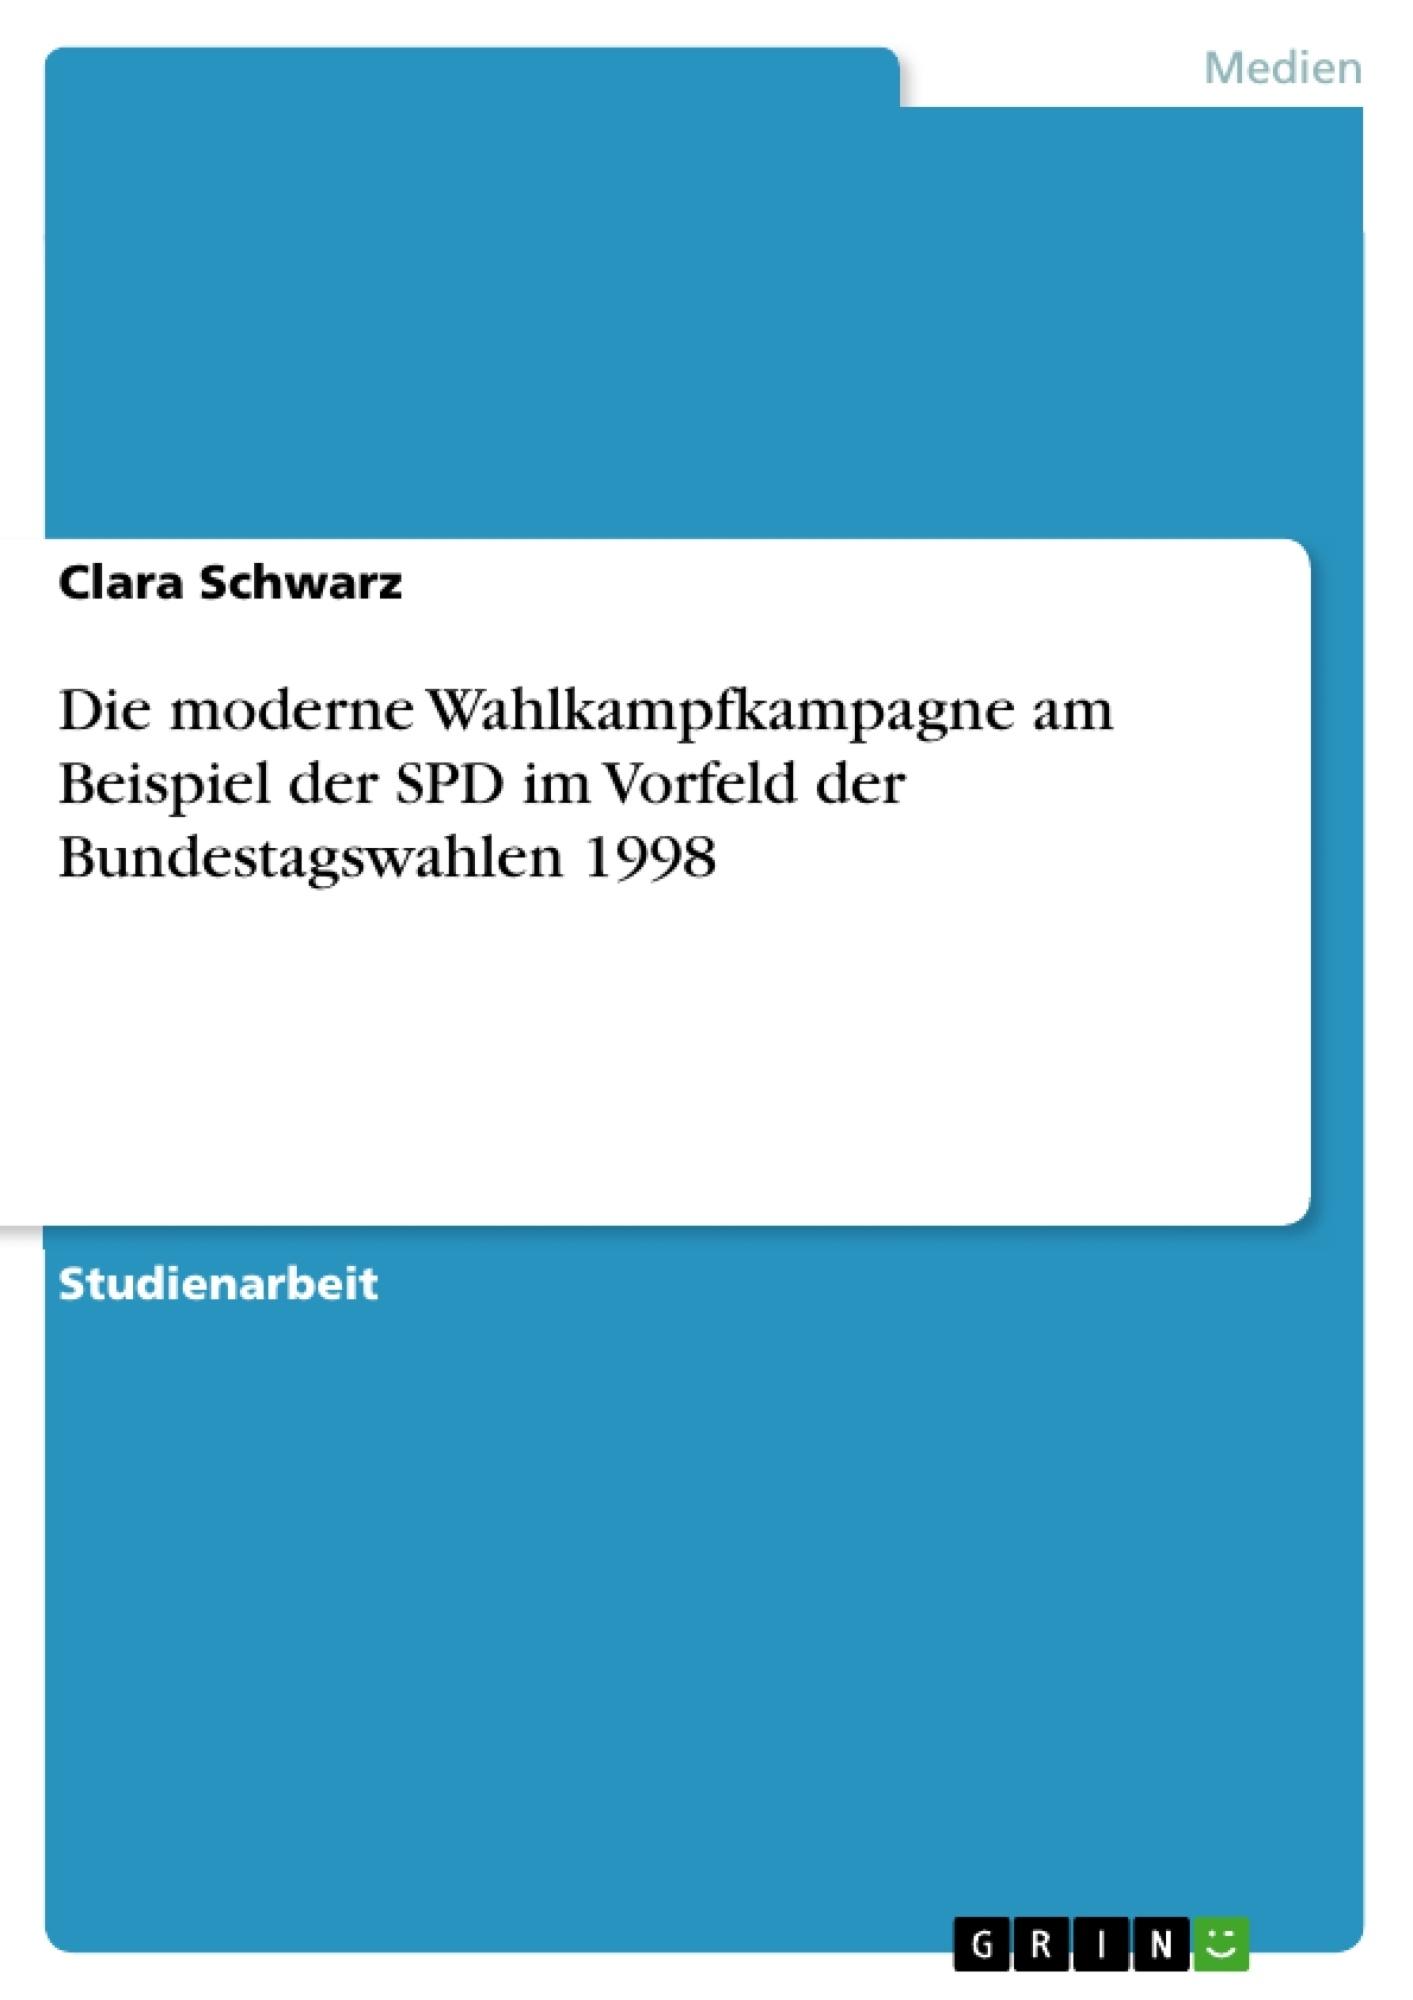 Titel: Die moderne Wahlkampfkampagne am Beispiel der SPD im Vorfeld der Bundestagswahlen 1998